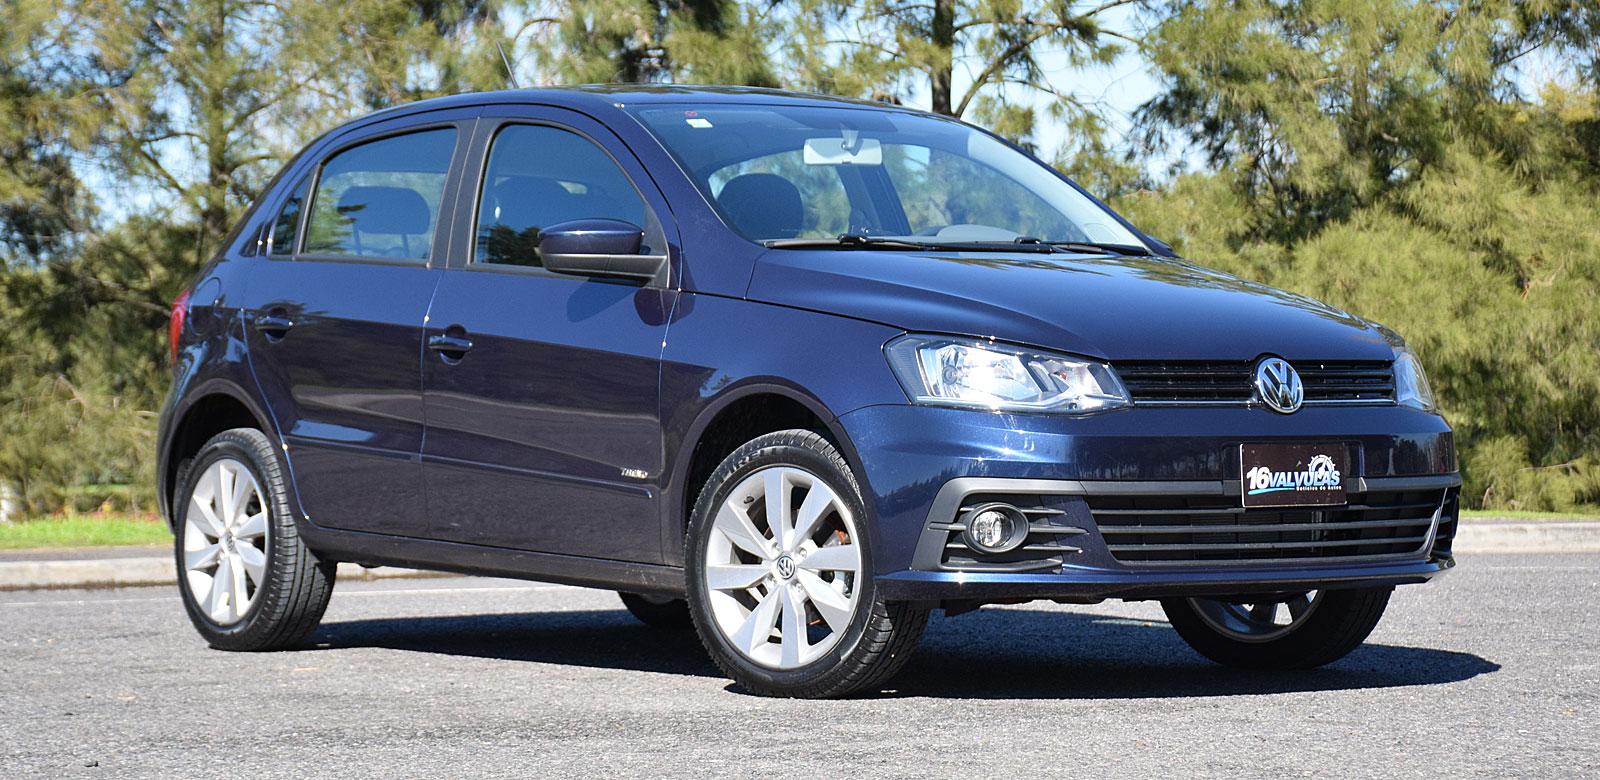 Prueba Nuevo Volkswagen Gol Highline 5 puertas Larroude Automotores